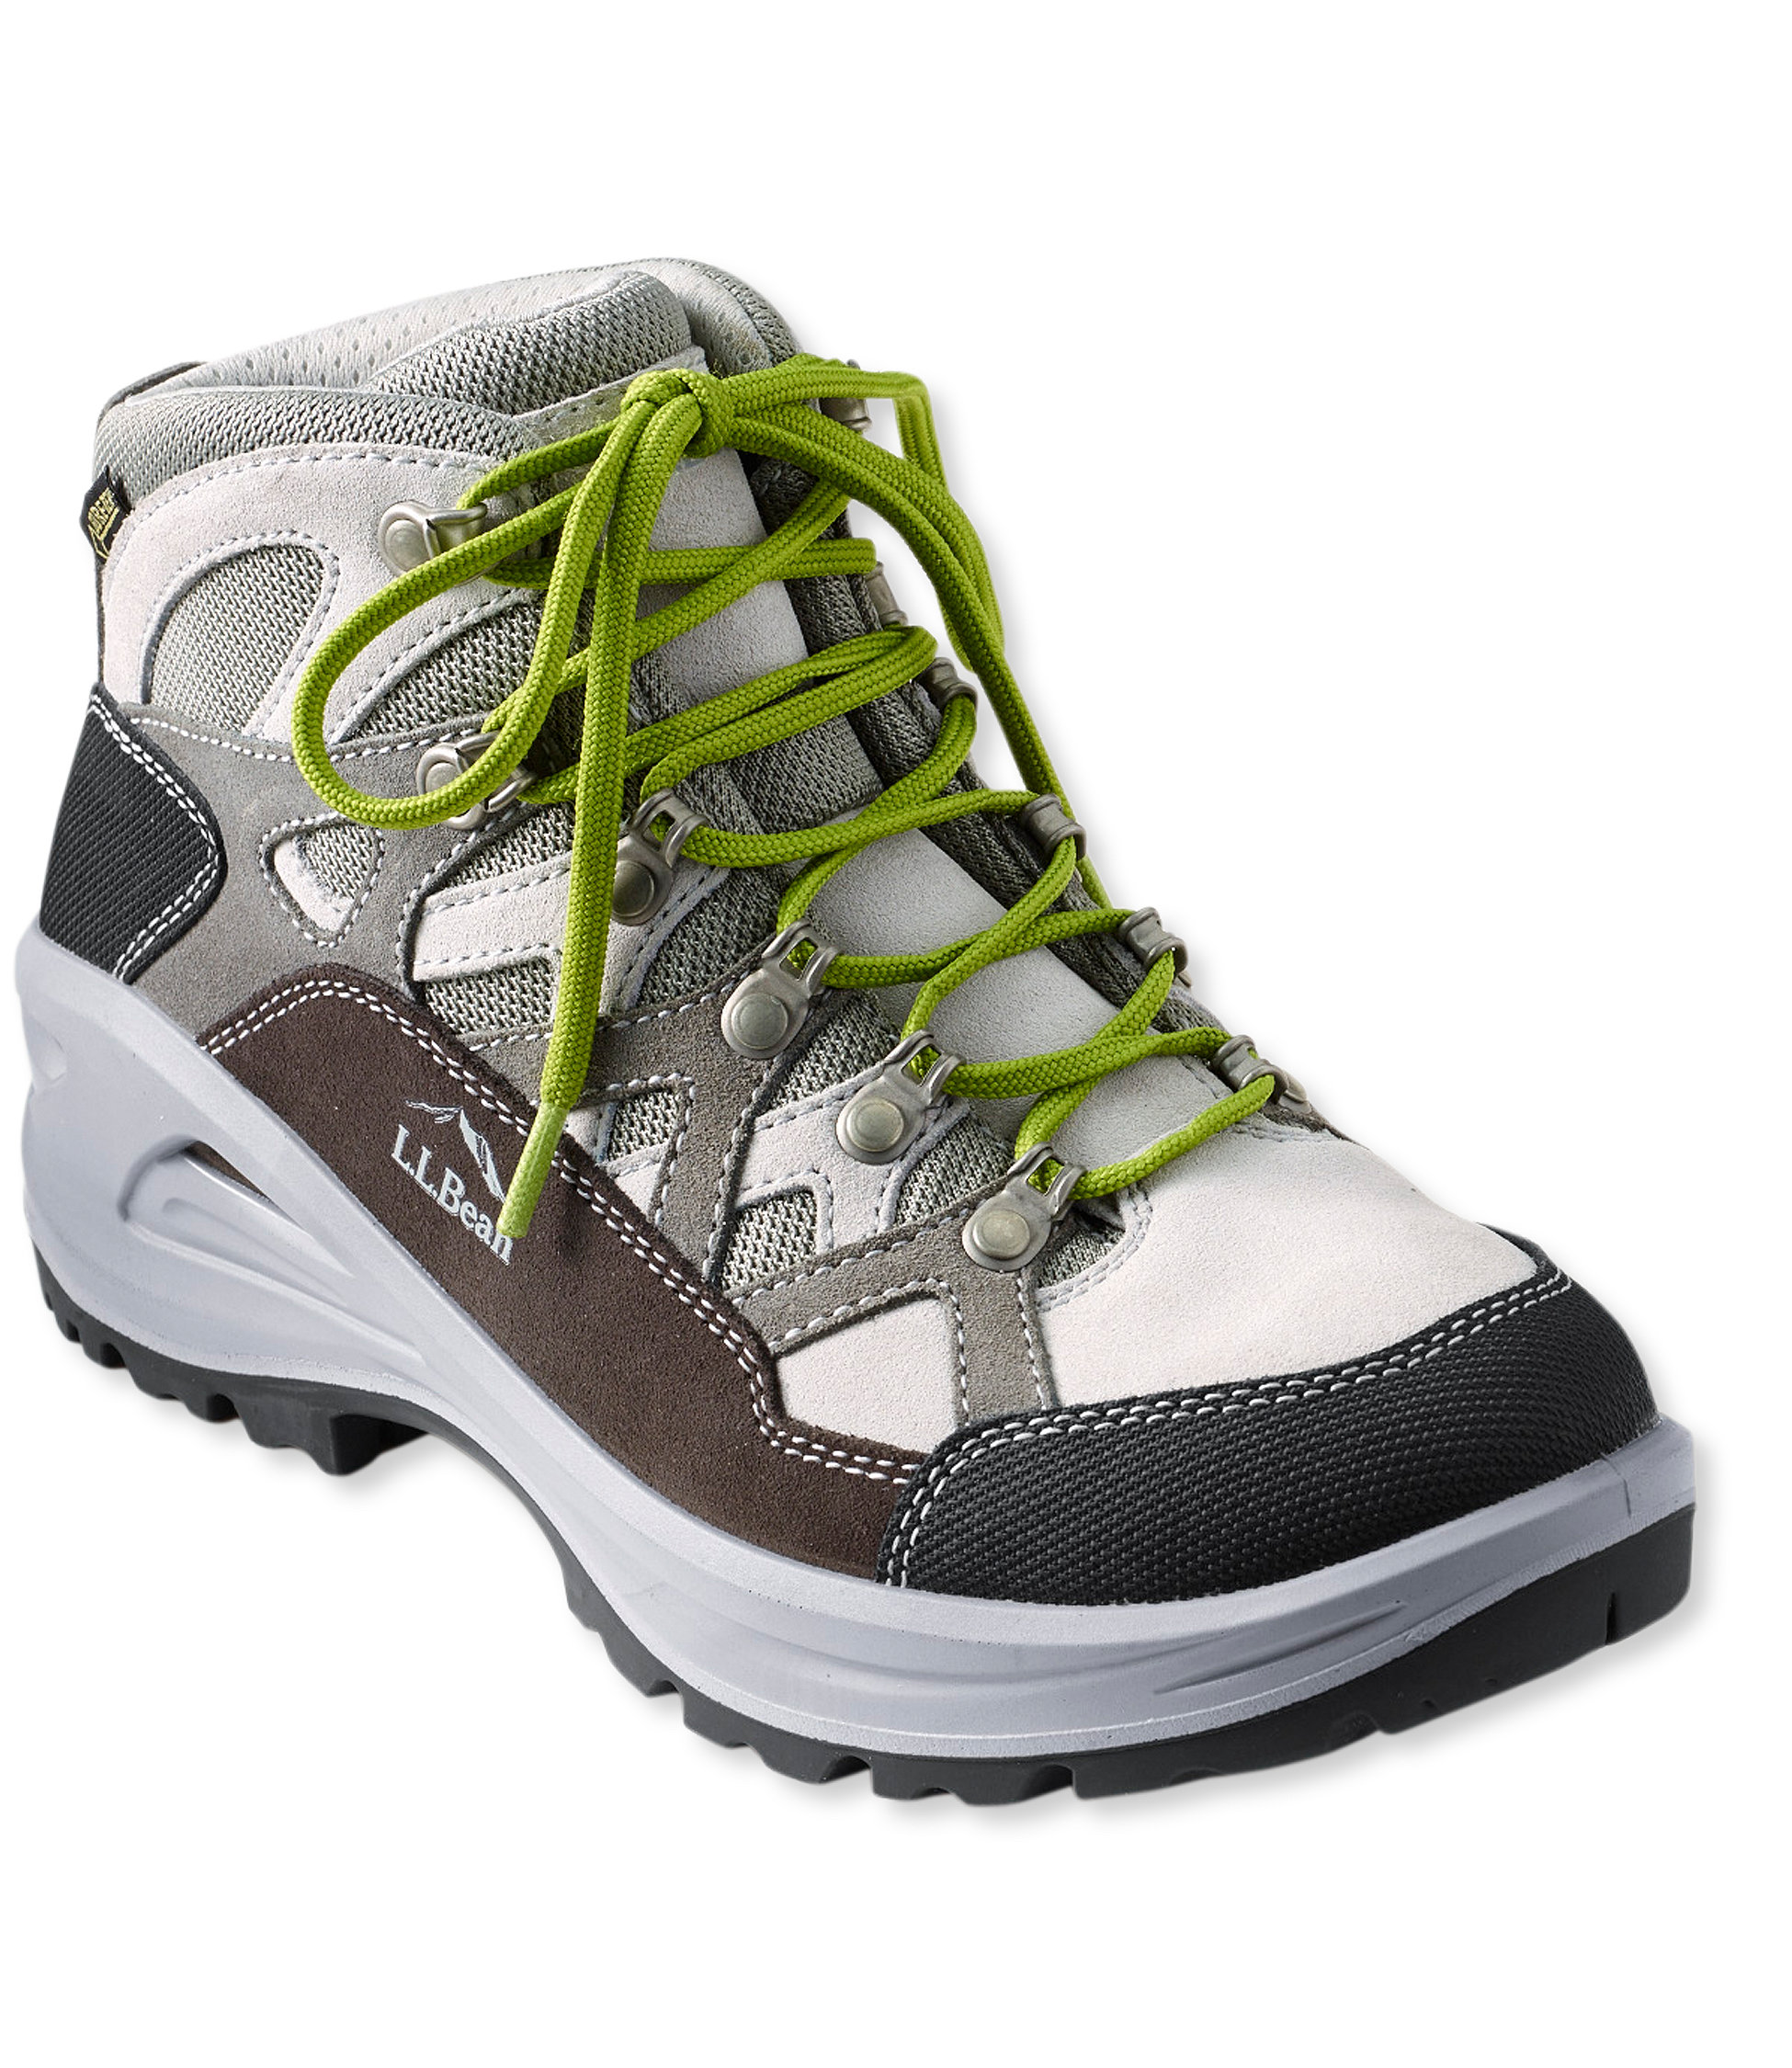 L.L.Bean Gore-Tex Mountain Treads, Mid-Cut